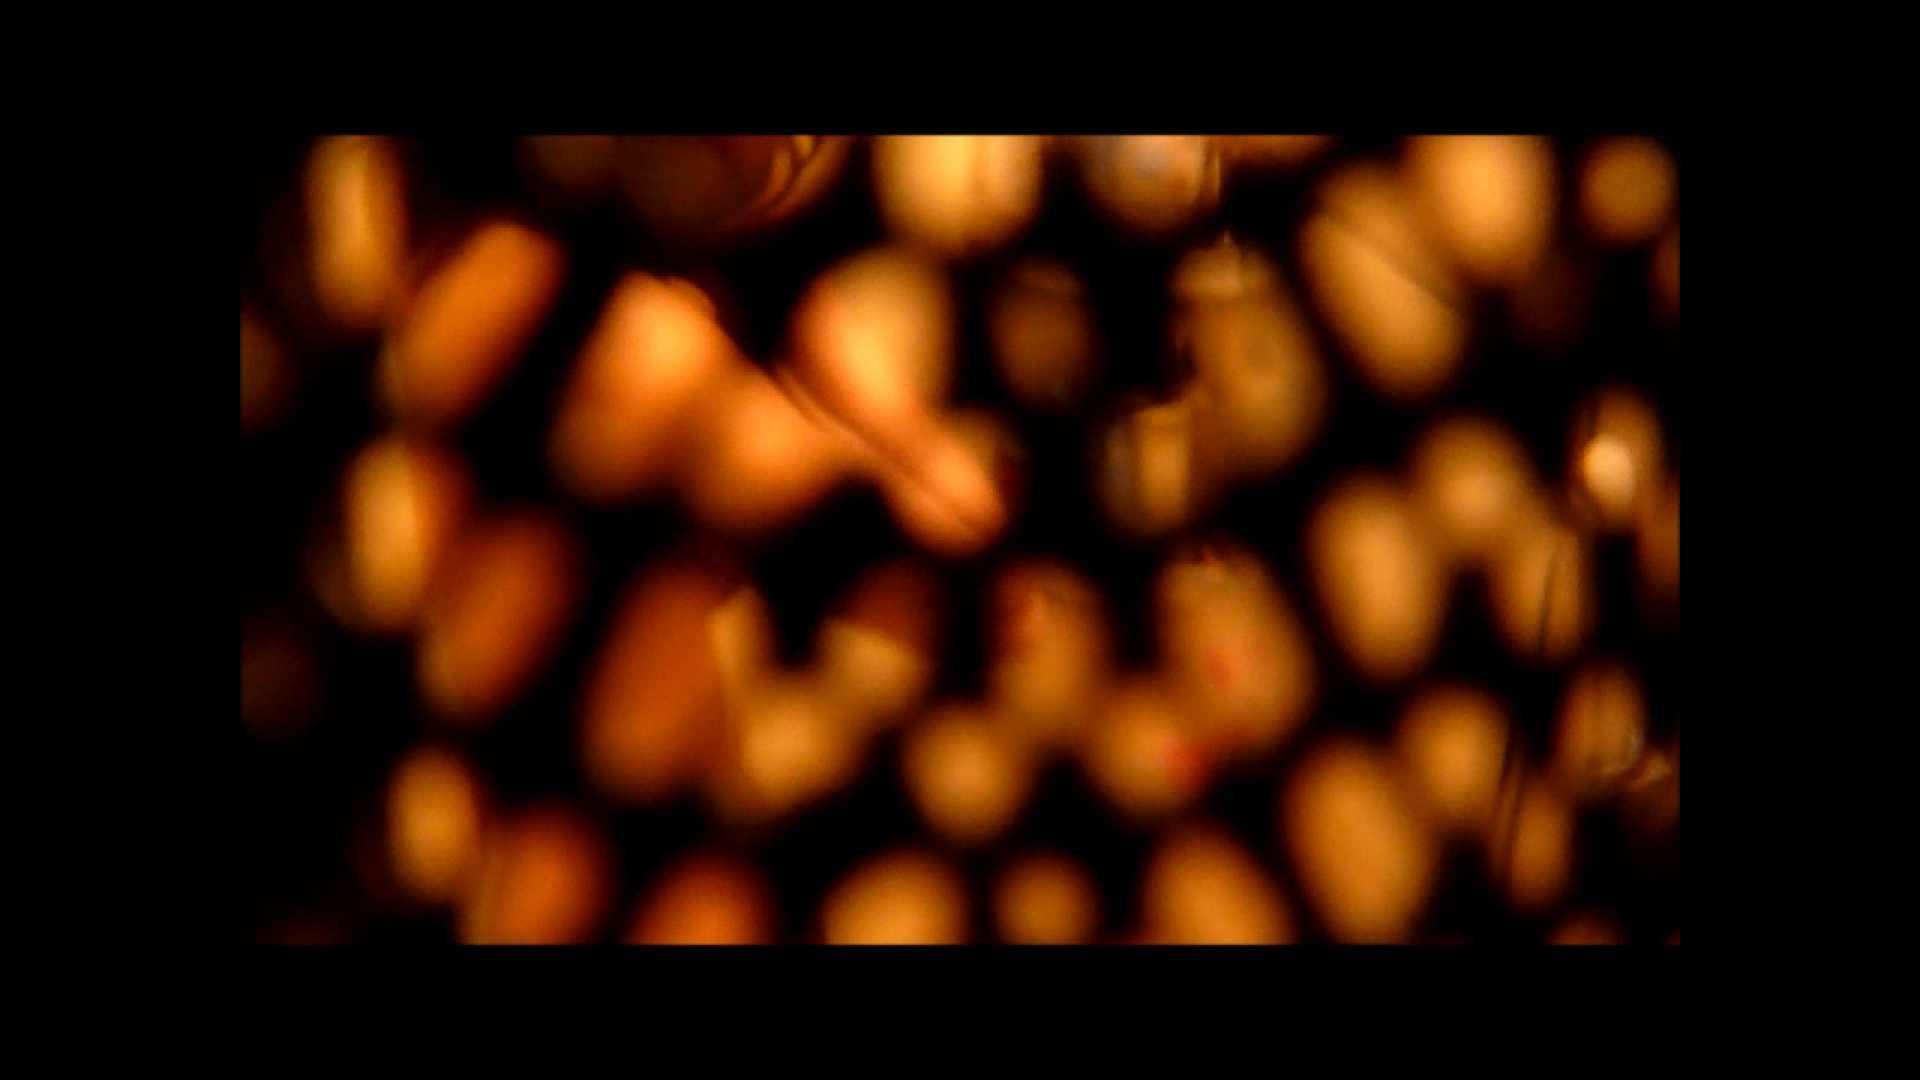 【02】ベランダに侵入して張り込みを始めて・・・やっと結果が出ました。 マンコ・ムレムレ スケベ動画紹介 79pic 23